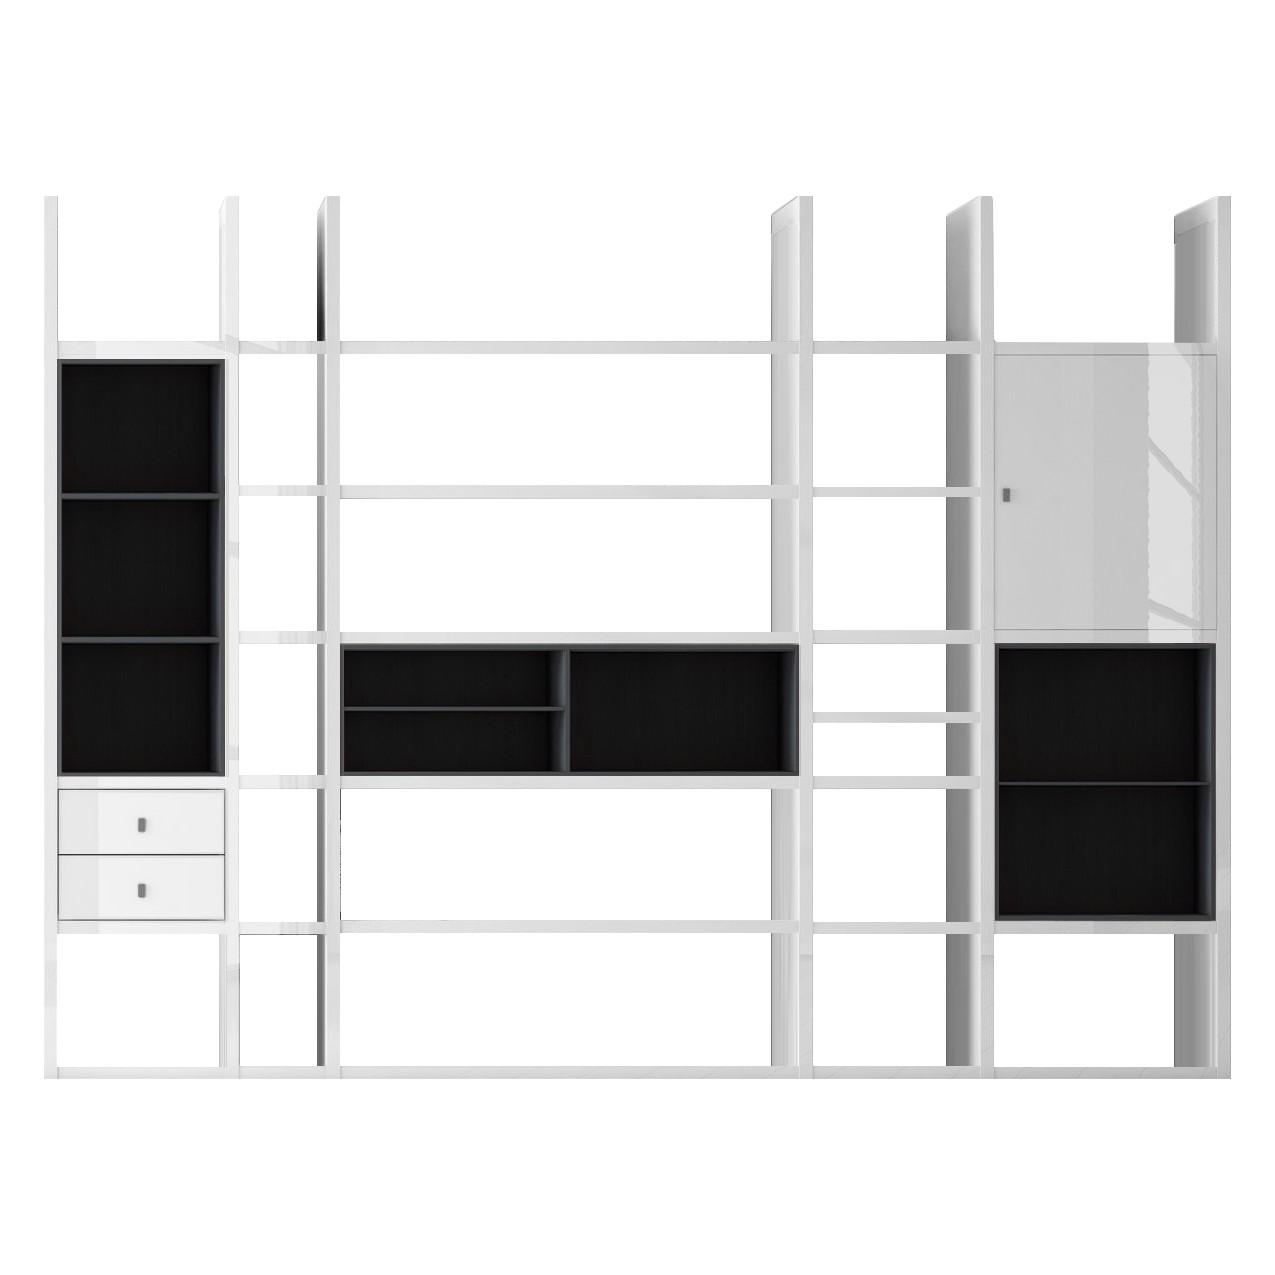 XXL Regalwand Emporior VI - Ohne Beleuchtung - Hochglanz Weiß / Schwarz, loftscape